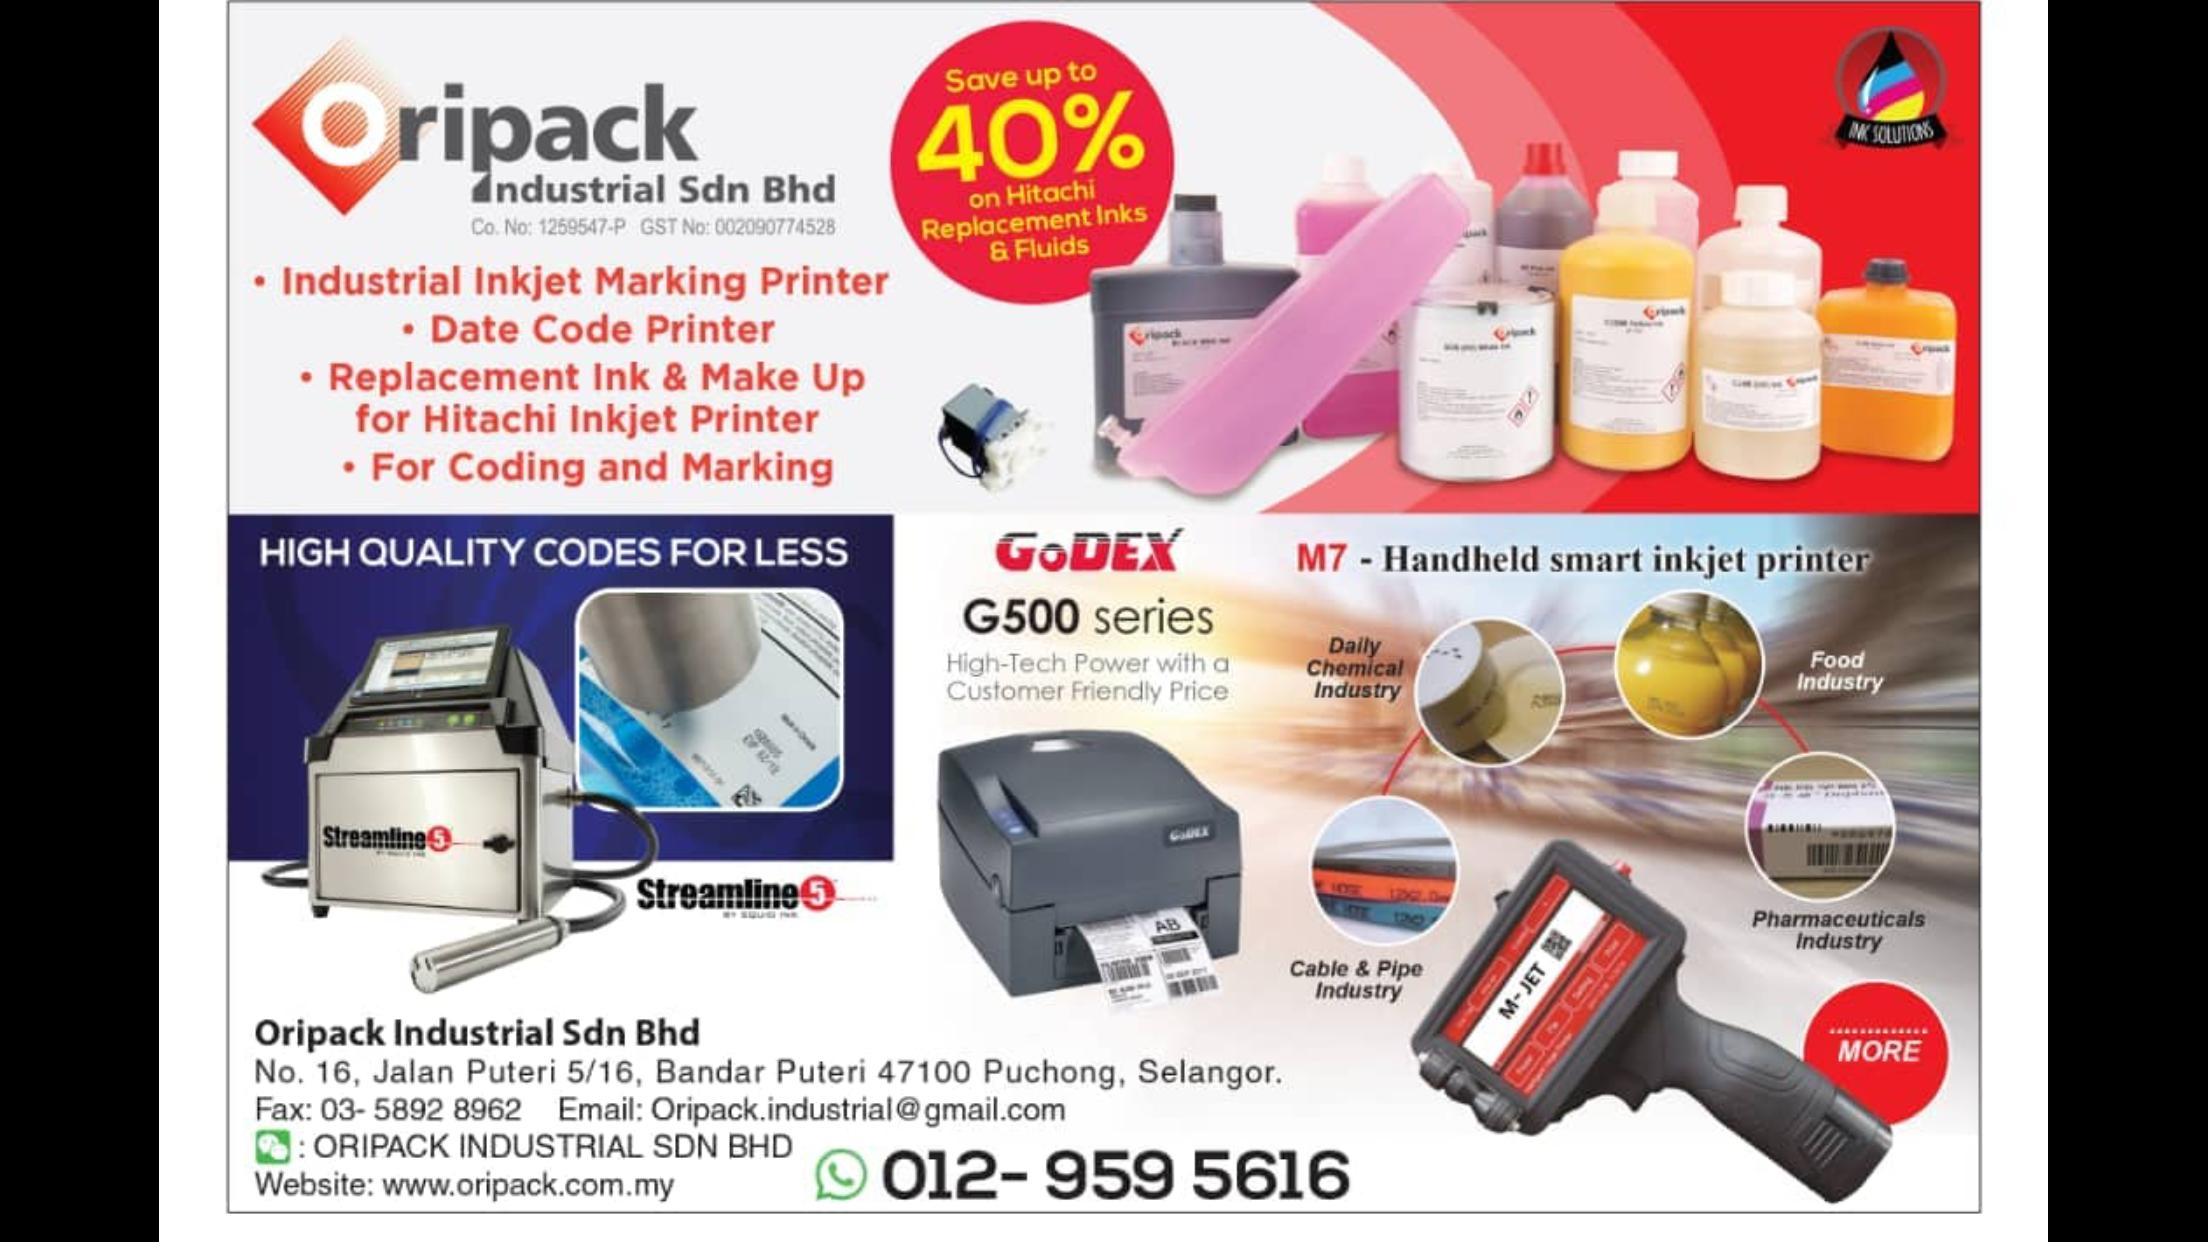 Oripack Industrial Sdn Bhd